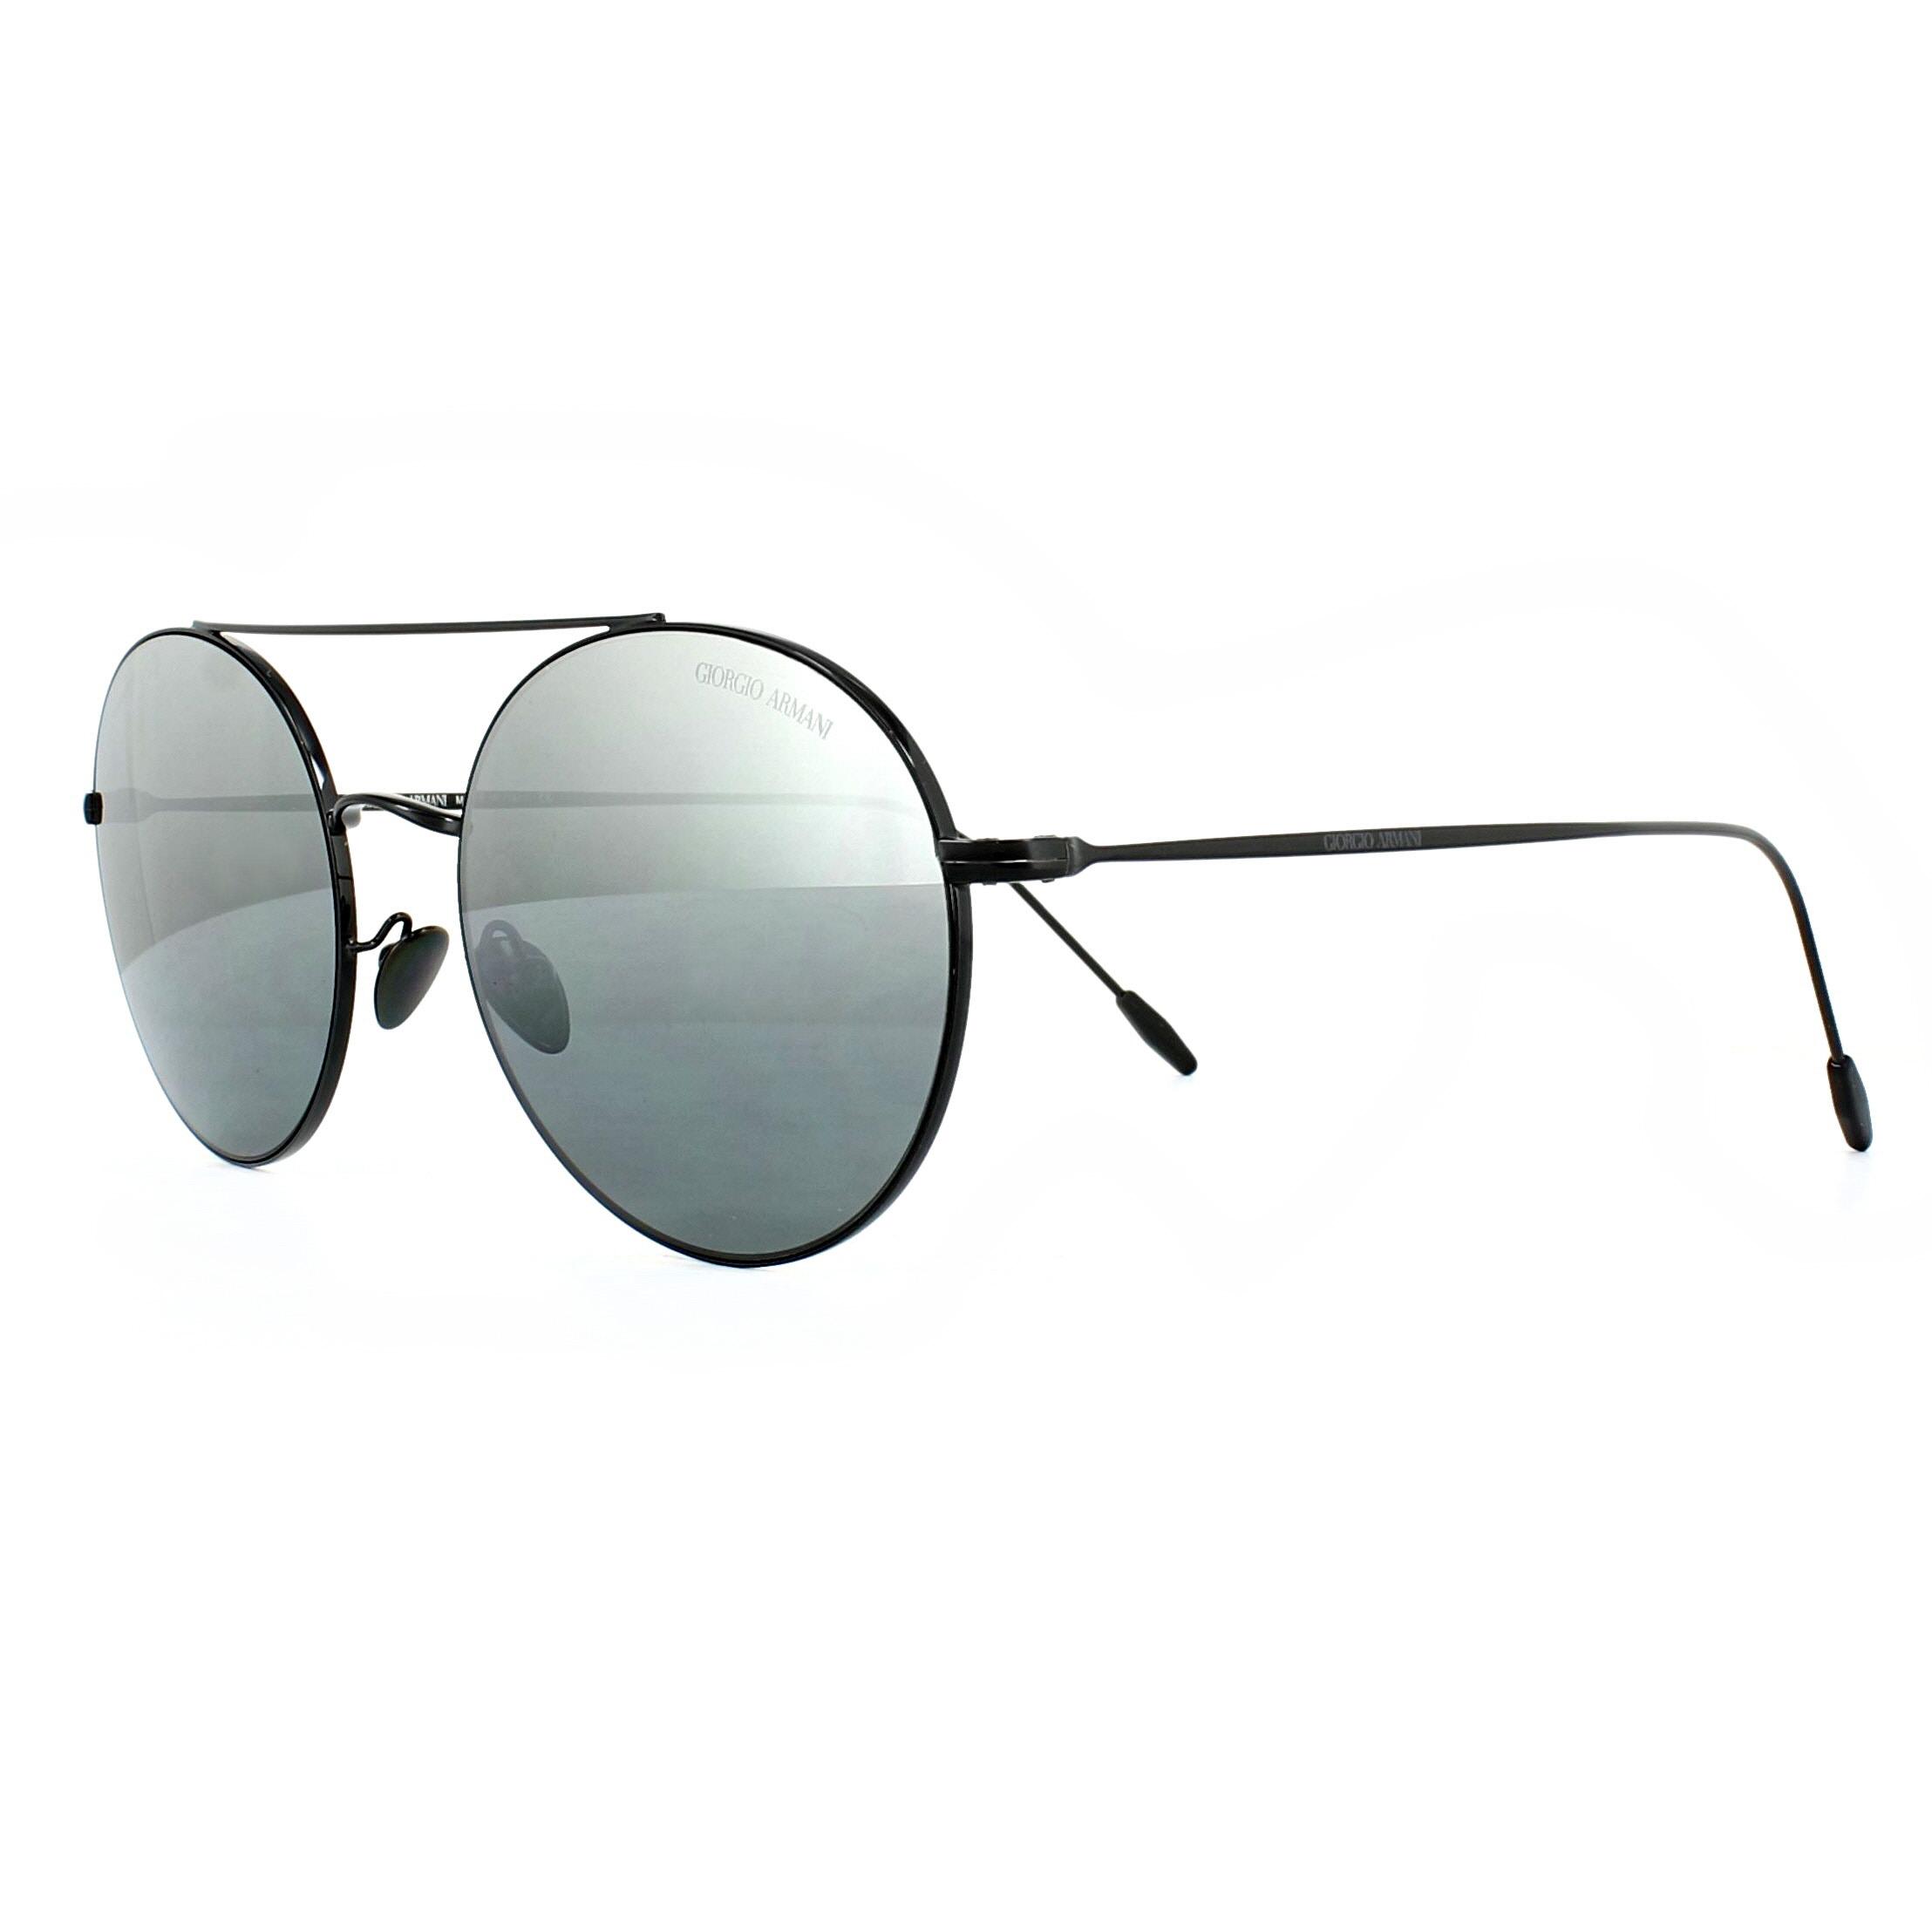 3aec79d0059f Sentinel Giorgio Armani Sunglasses AR6050 301488 Black Grey Silver Mirror  Gradient